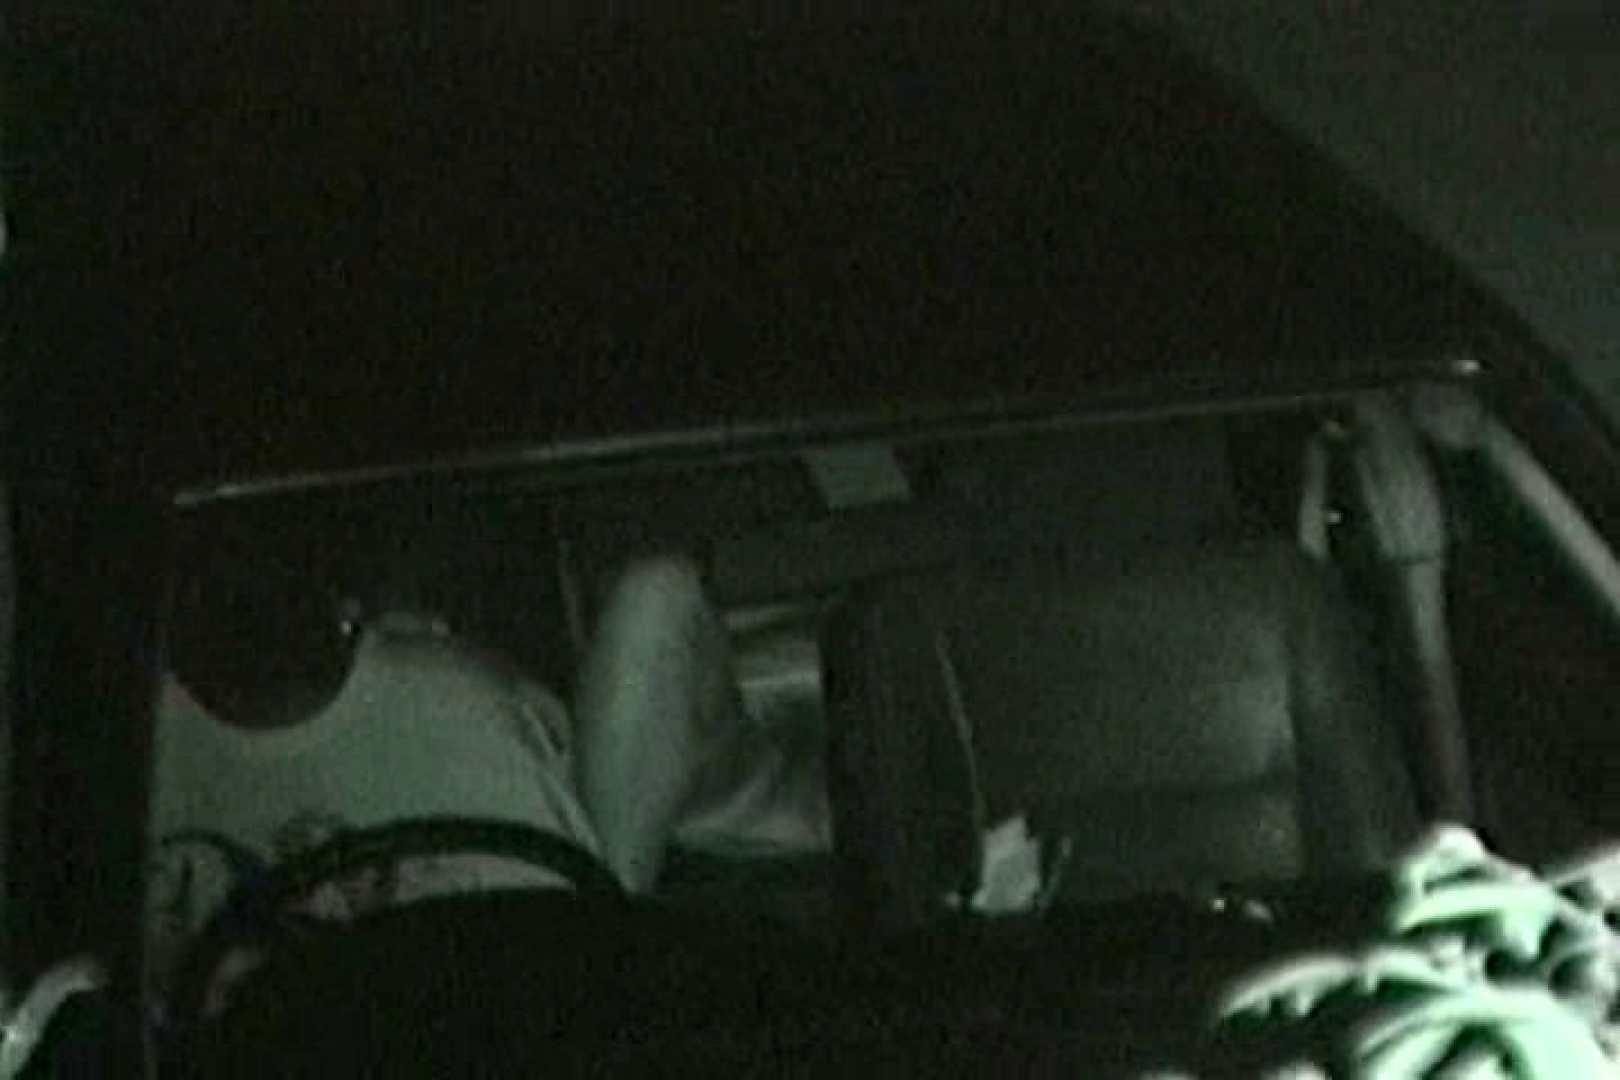 車の中はラブホテル 無修正版  Vol.8 カーセックス  107枚 89